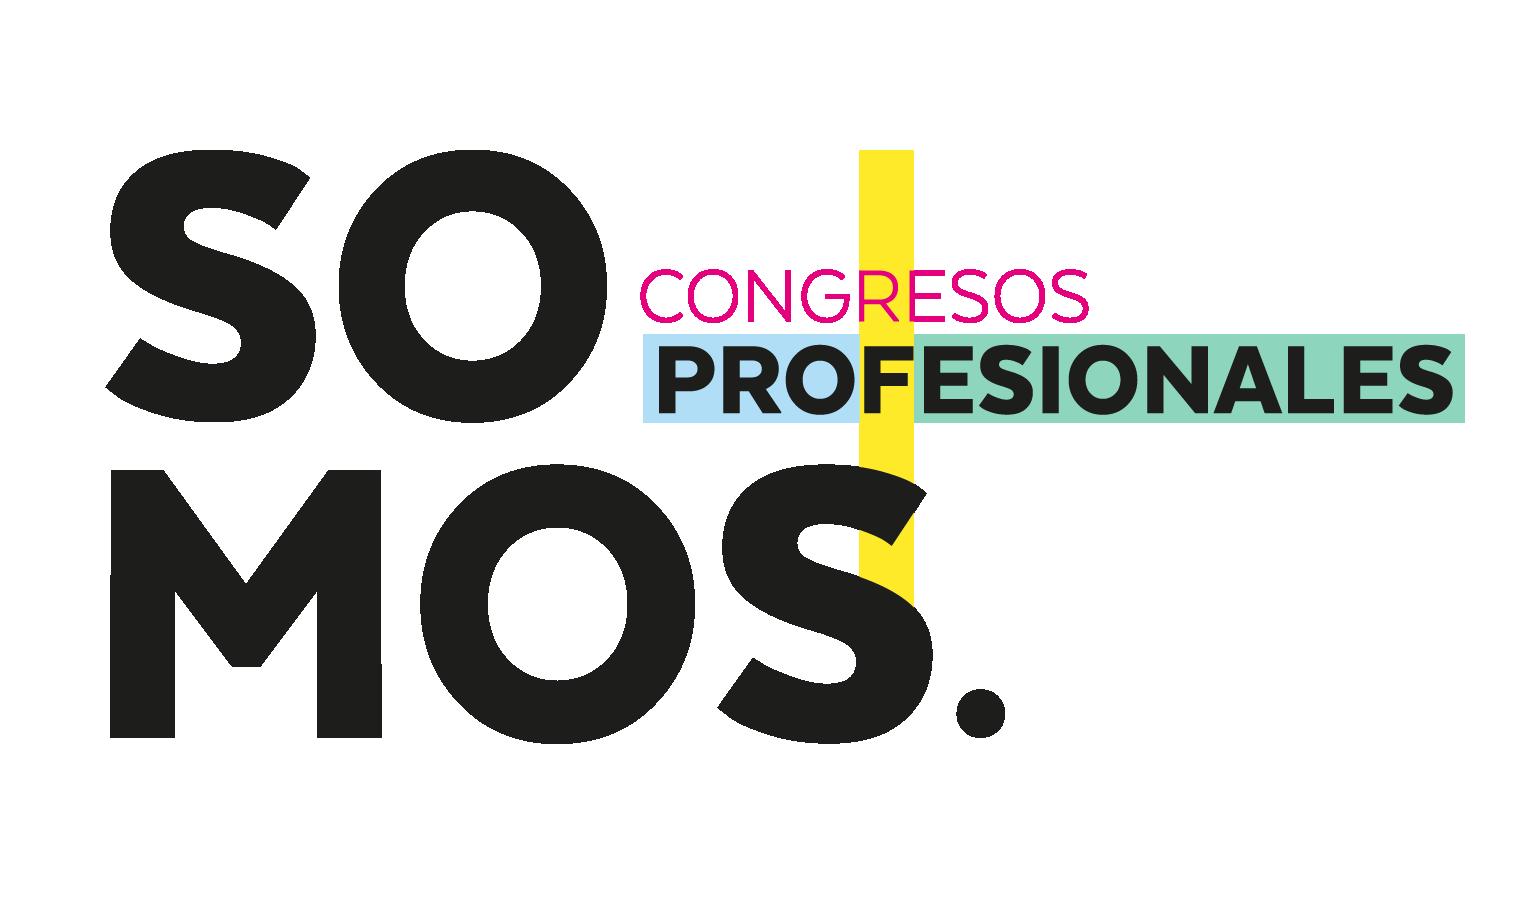 Lanzarote acoge el SOMOS PROFESIONALES, el mayor encuentro de empresarios y empresarias de la isla